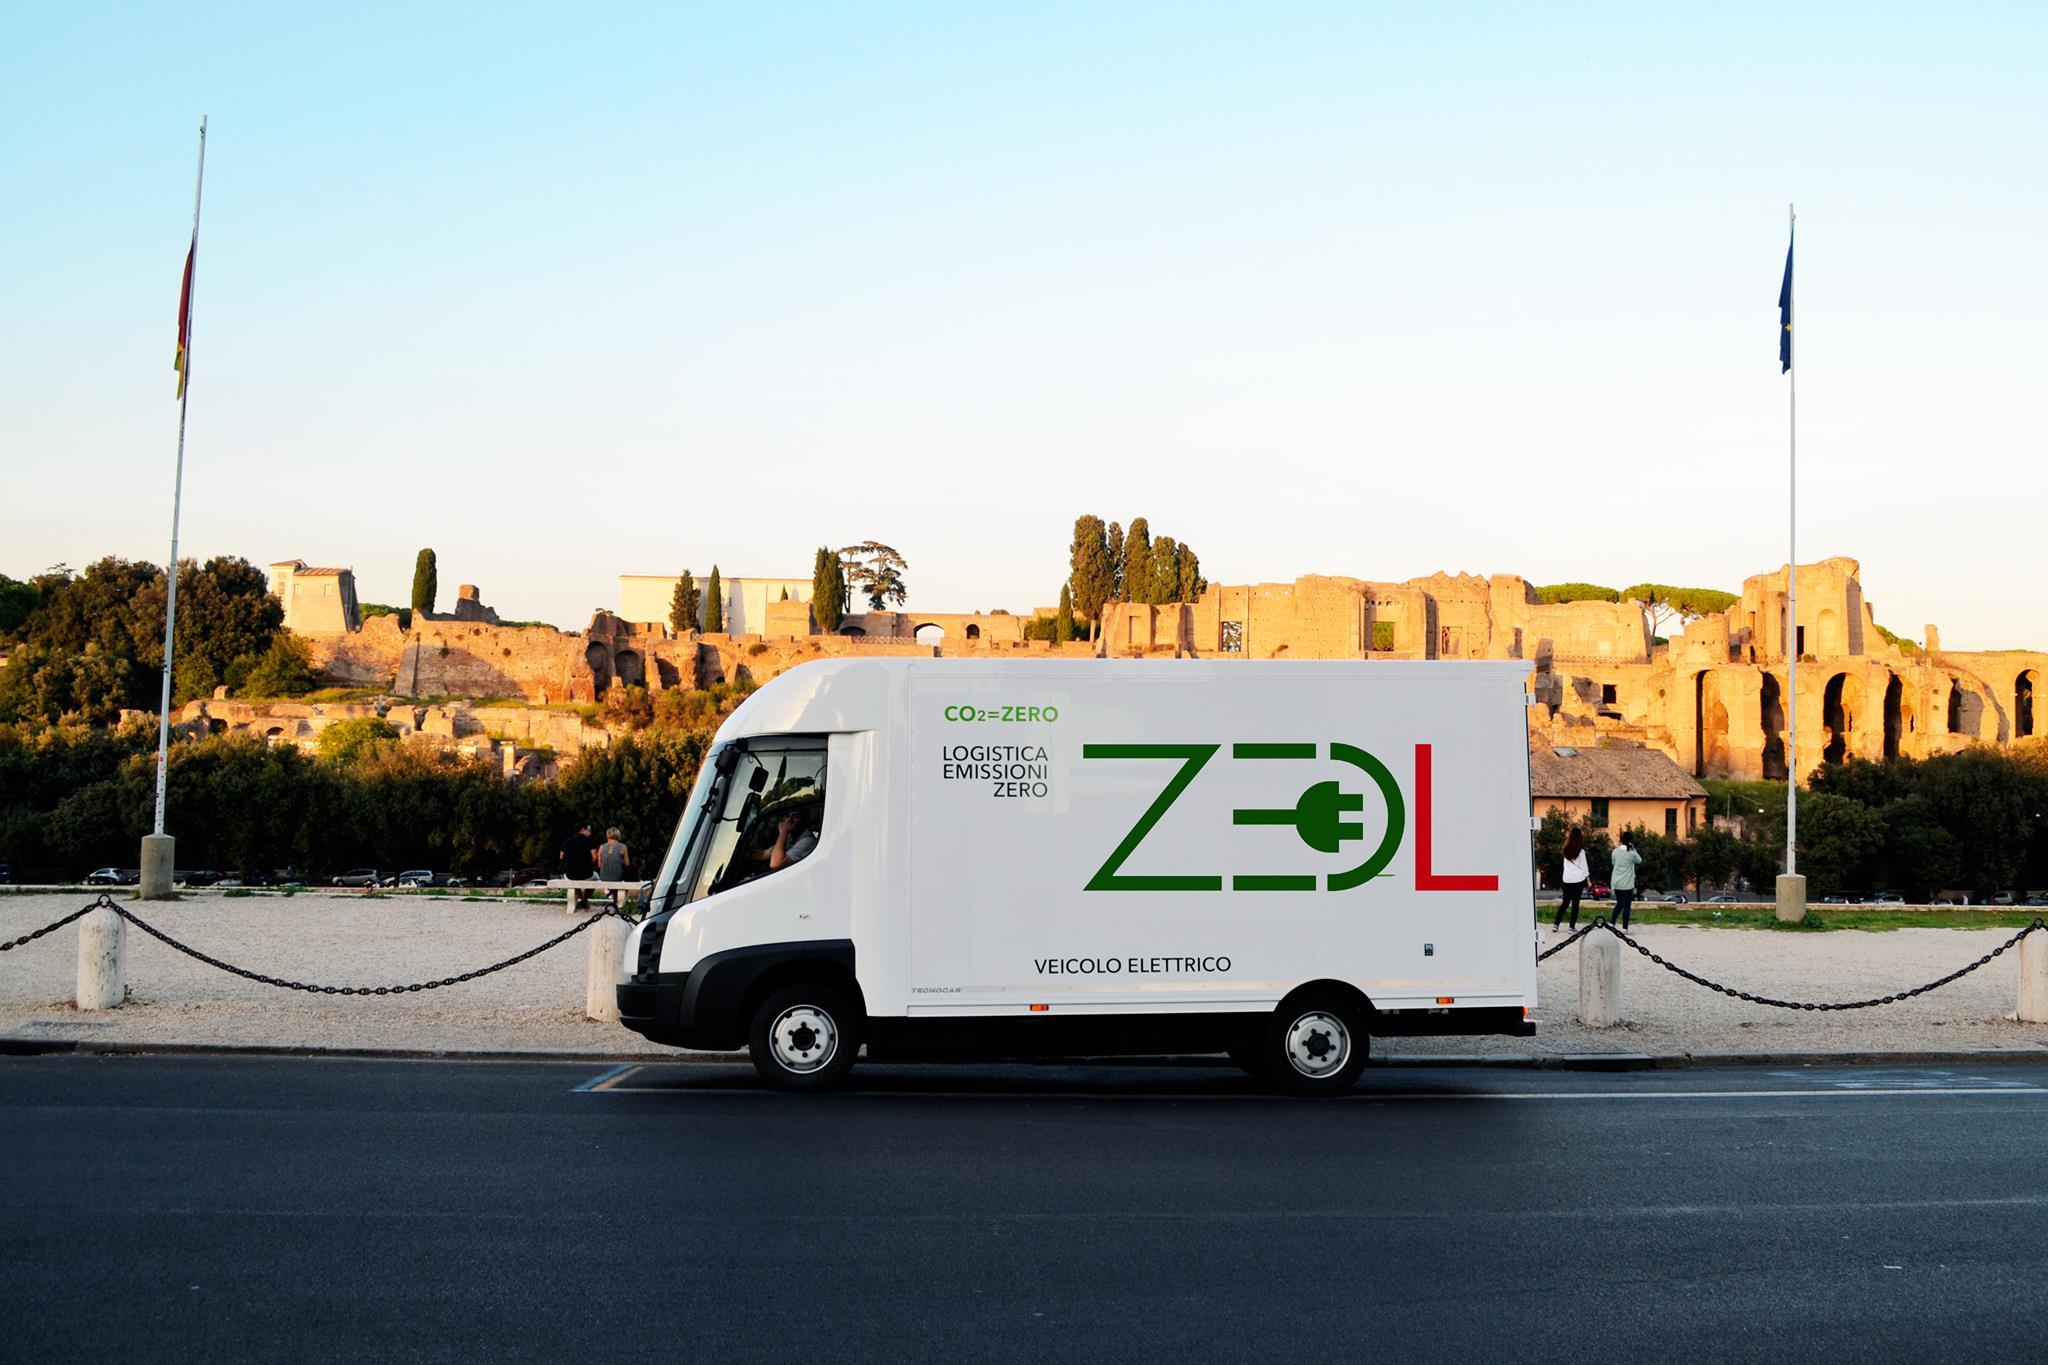 2018 il progetto ZED&L è una realtà!